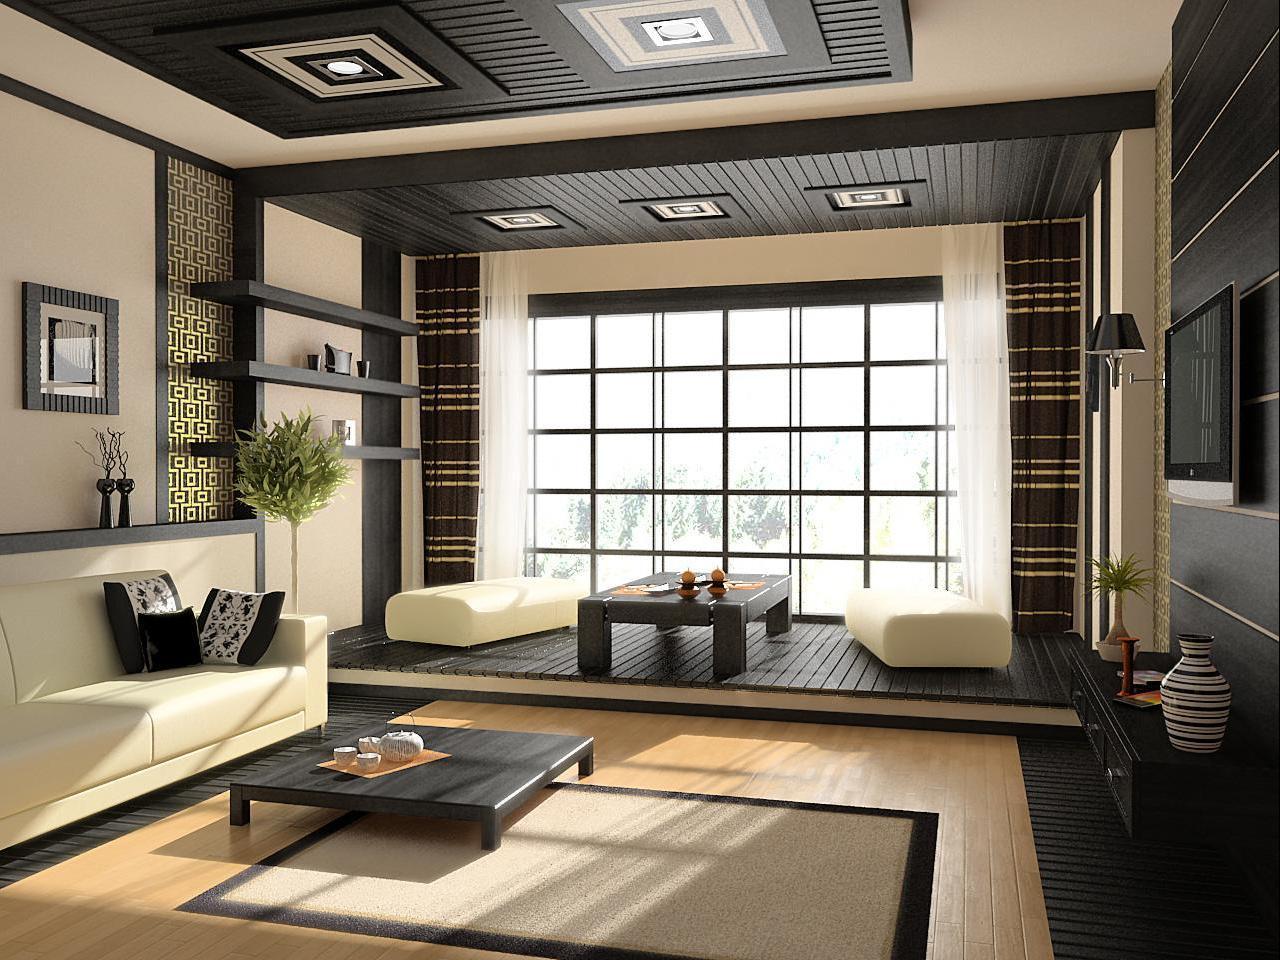 26 1 - Интерьер дома в японском стиле